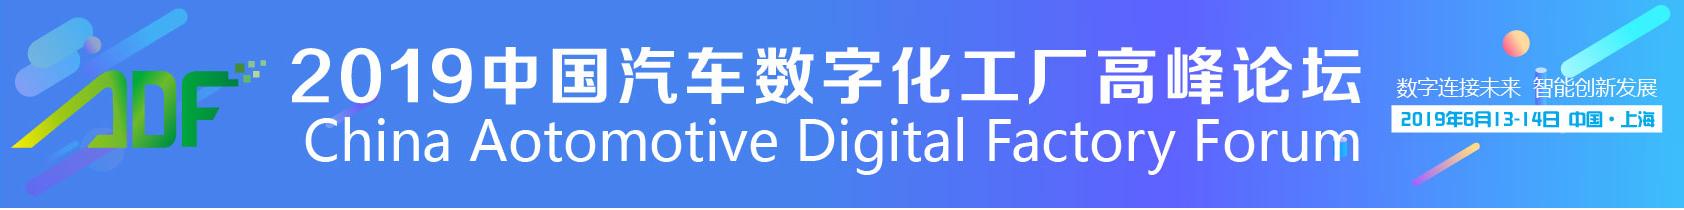 ADF汽车数字化工厂高峰论坛